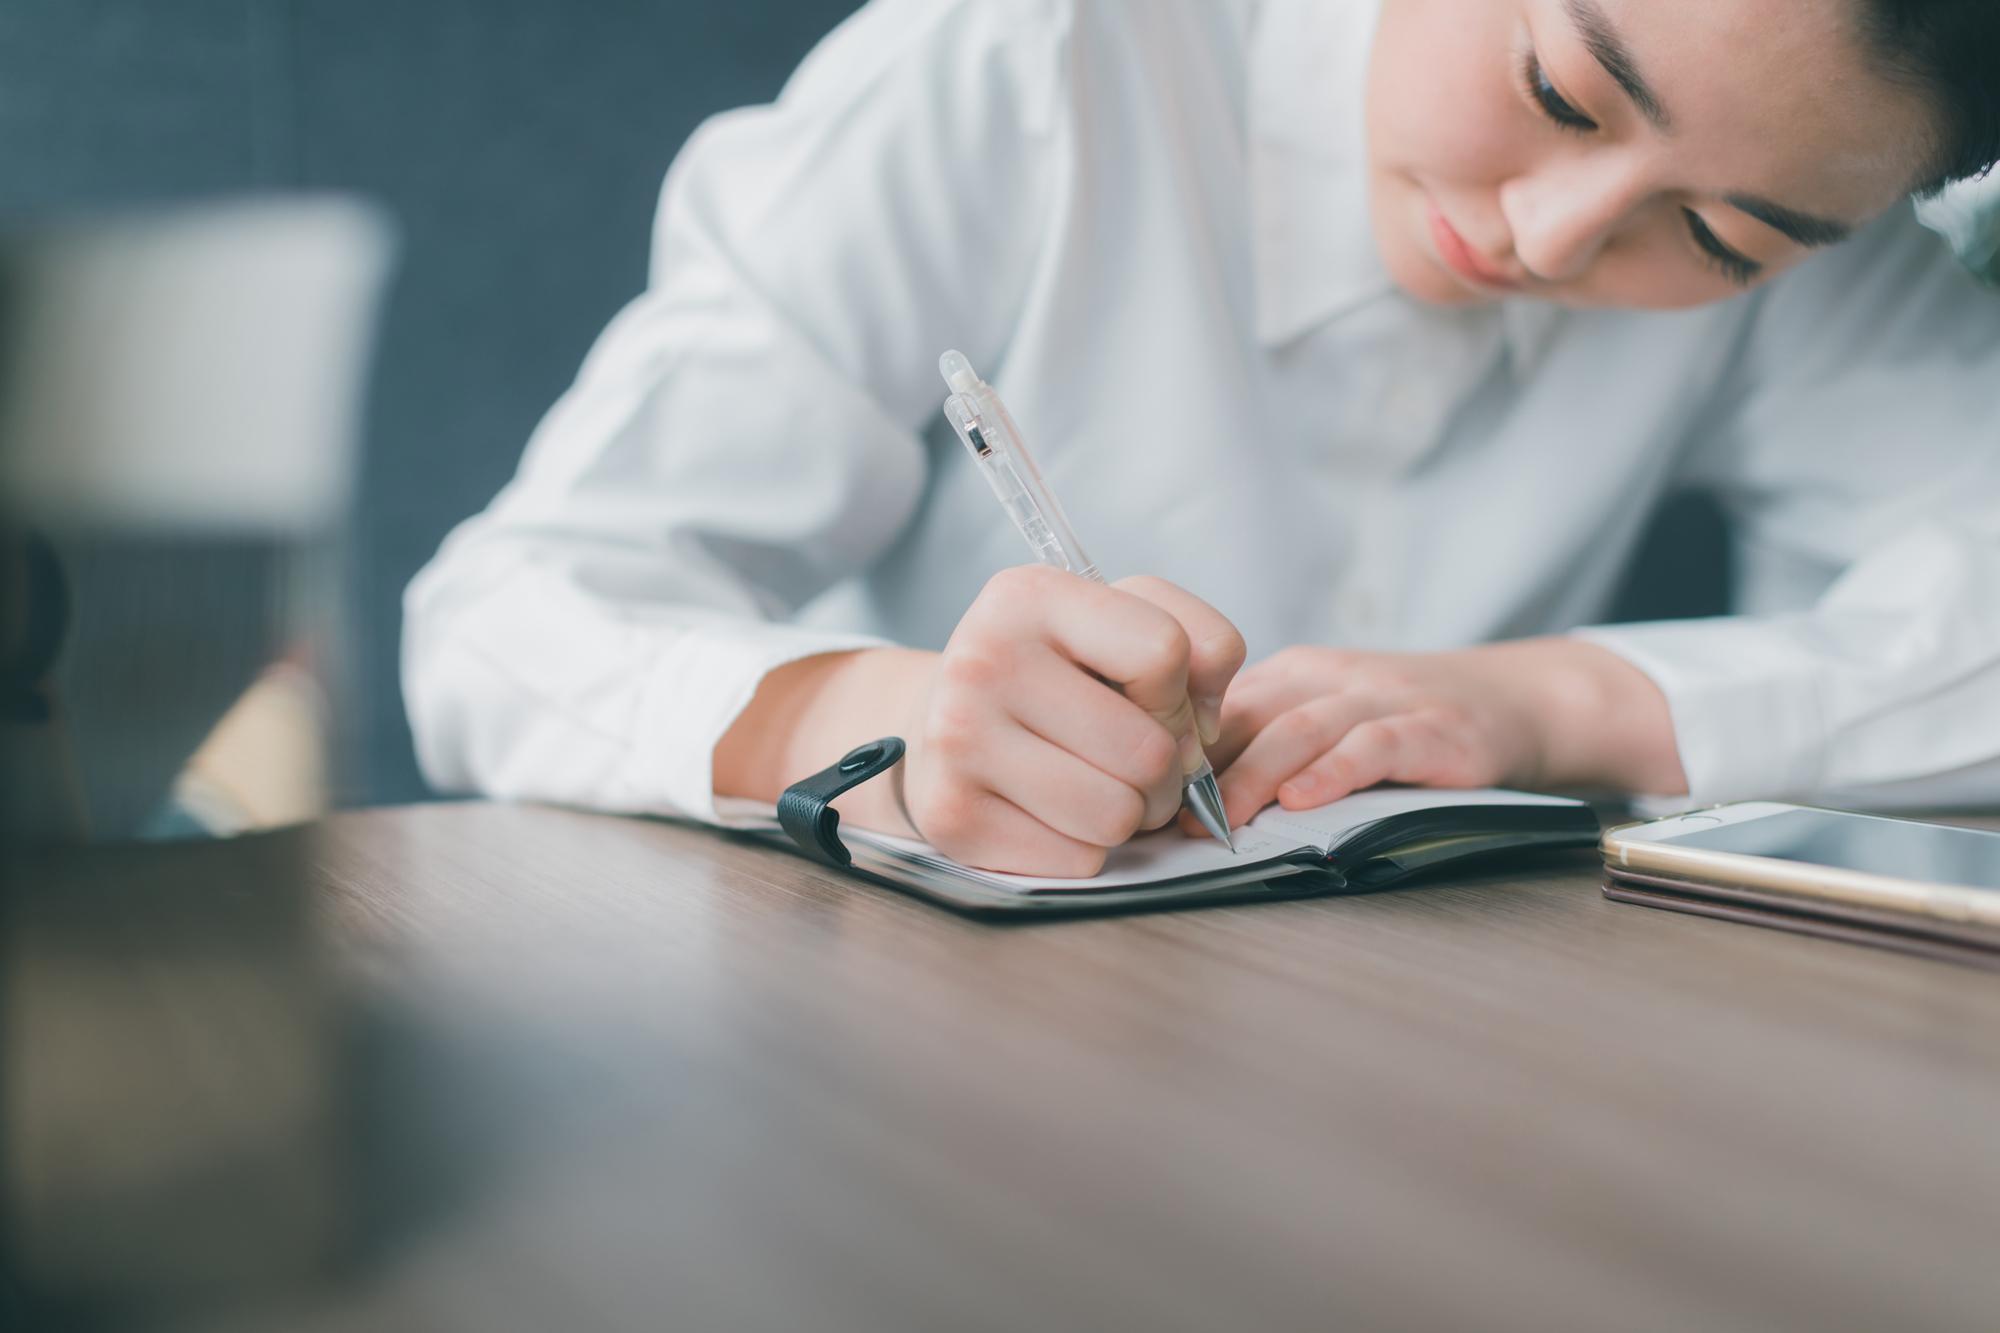 引っ越し前に必要なことを書き出す女性